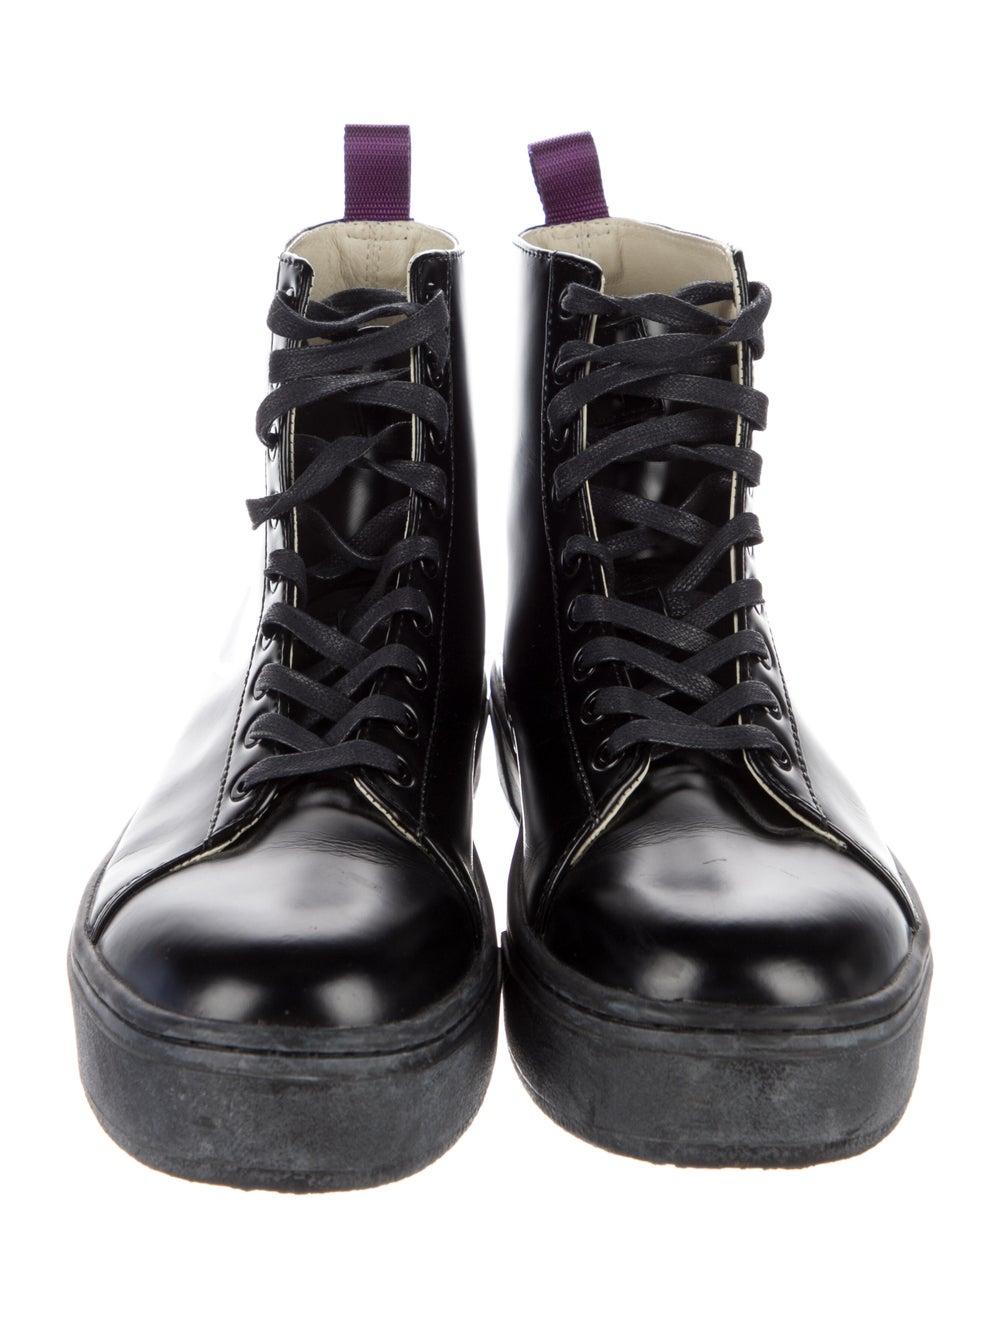 Eytys Kibo Sneakers Black - image 2